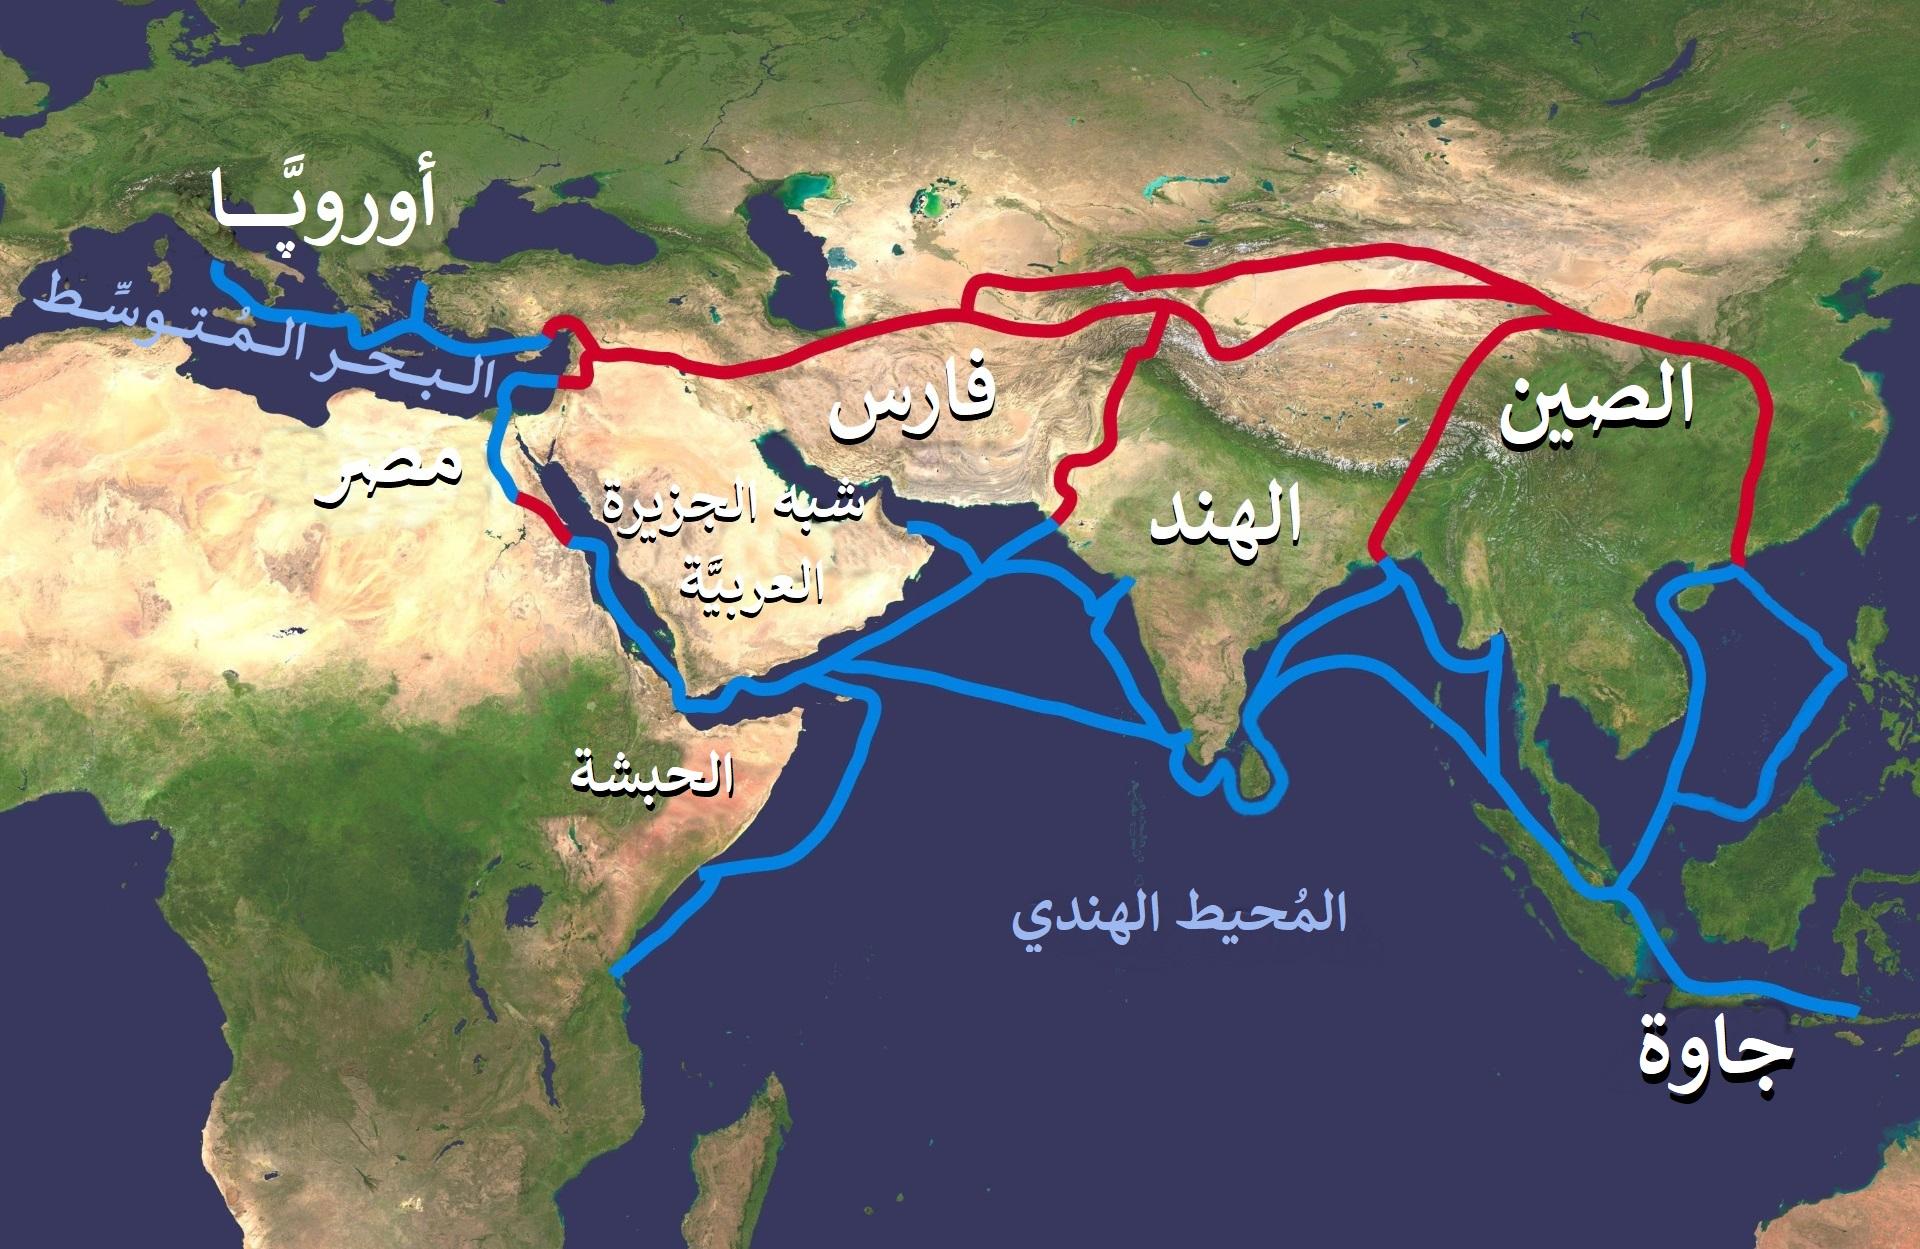 طريق الحرير (موقع تراث عالمي) - ويكيبيديا